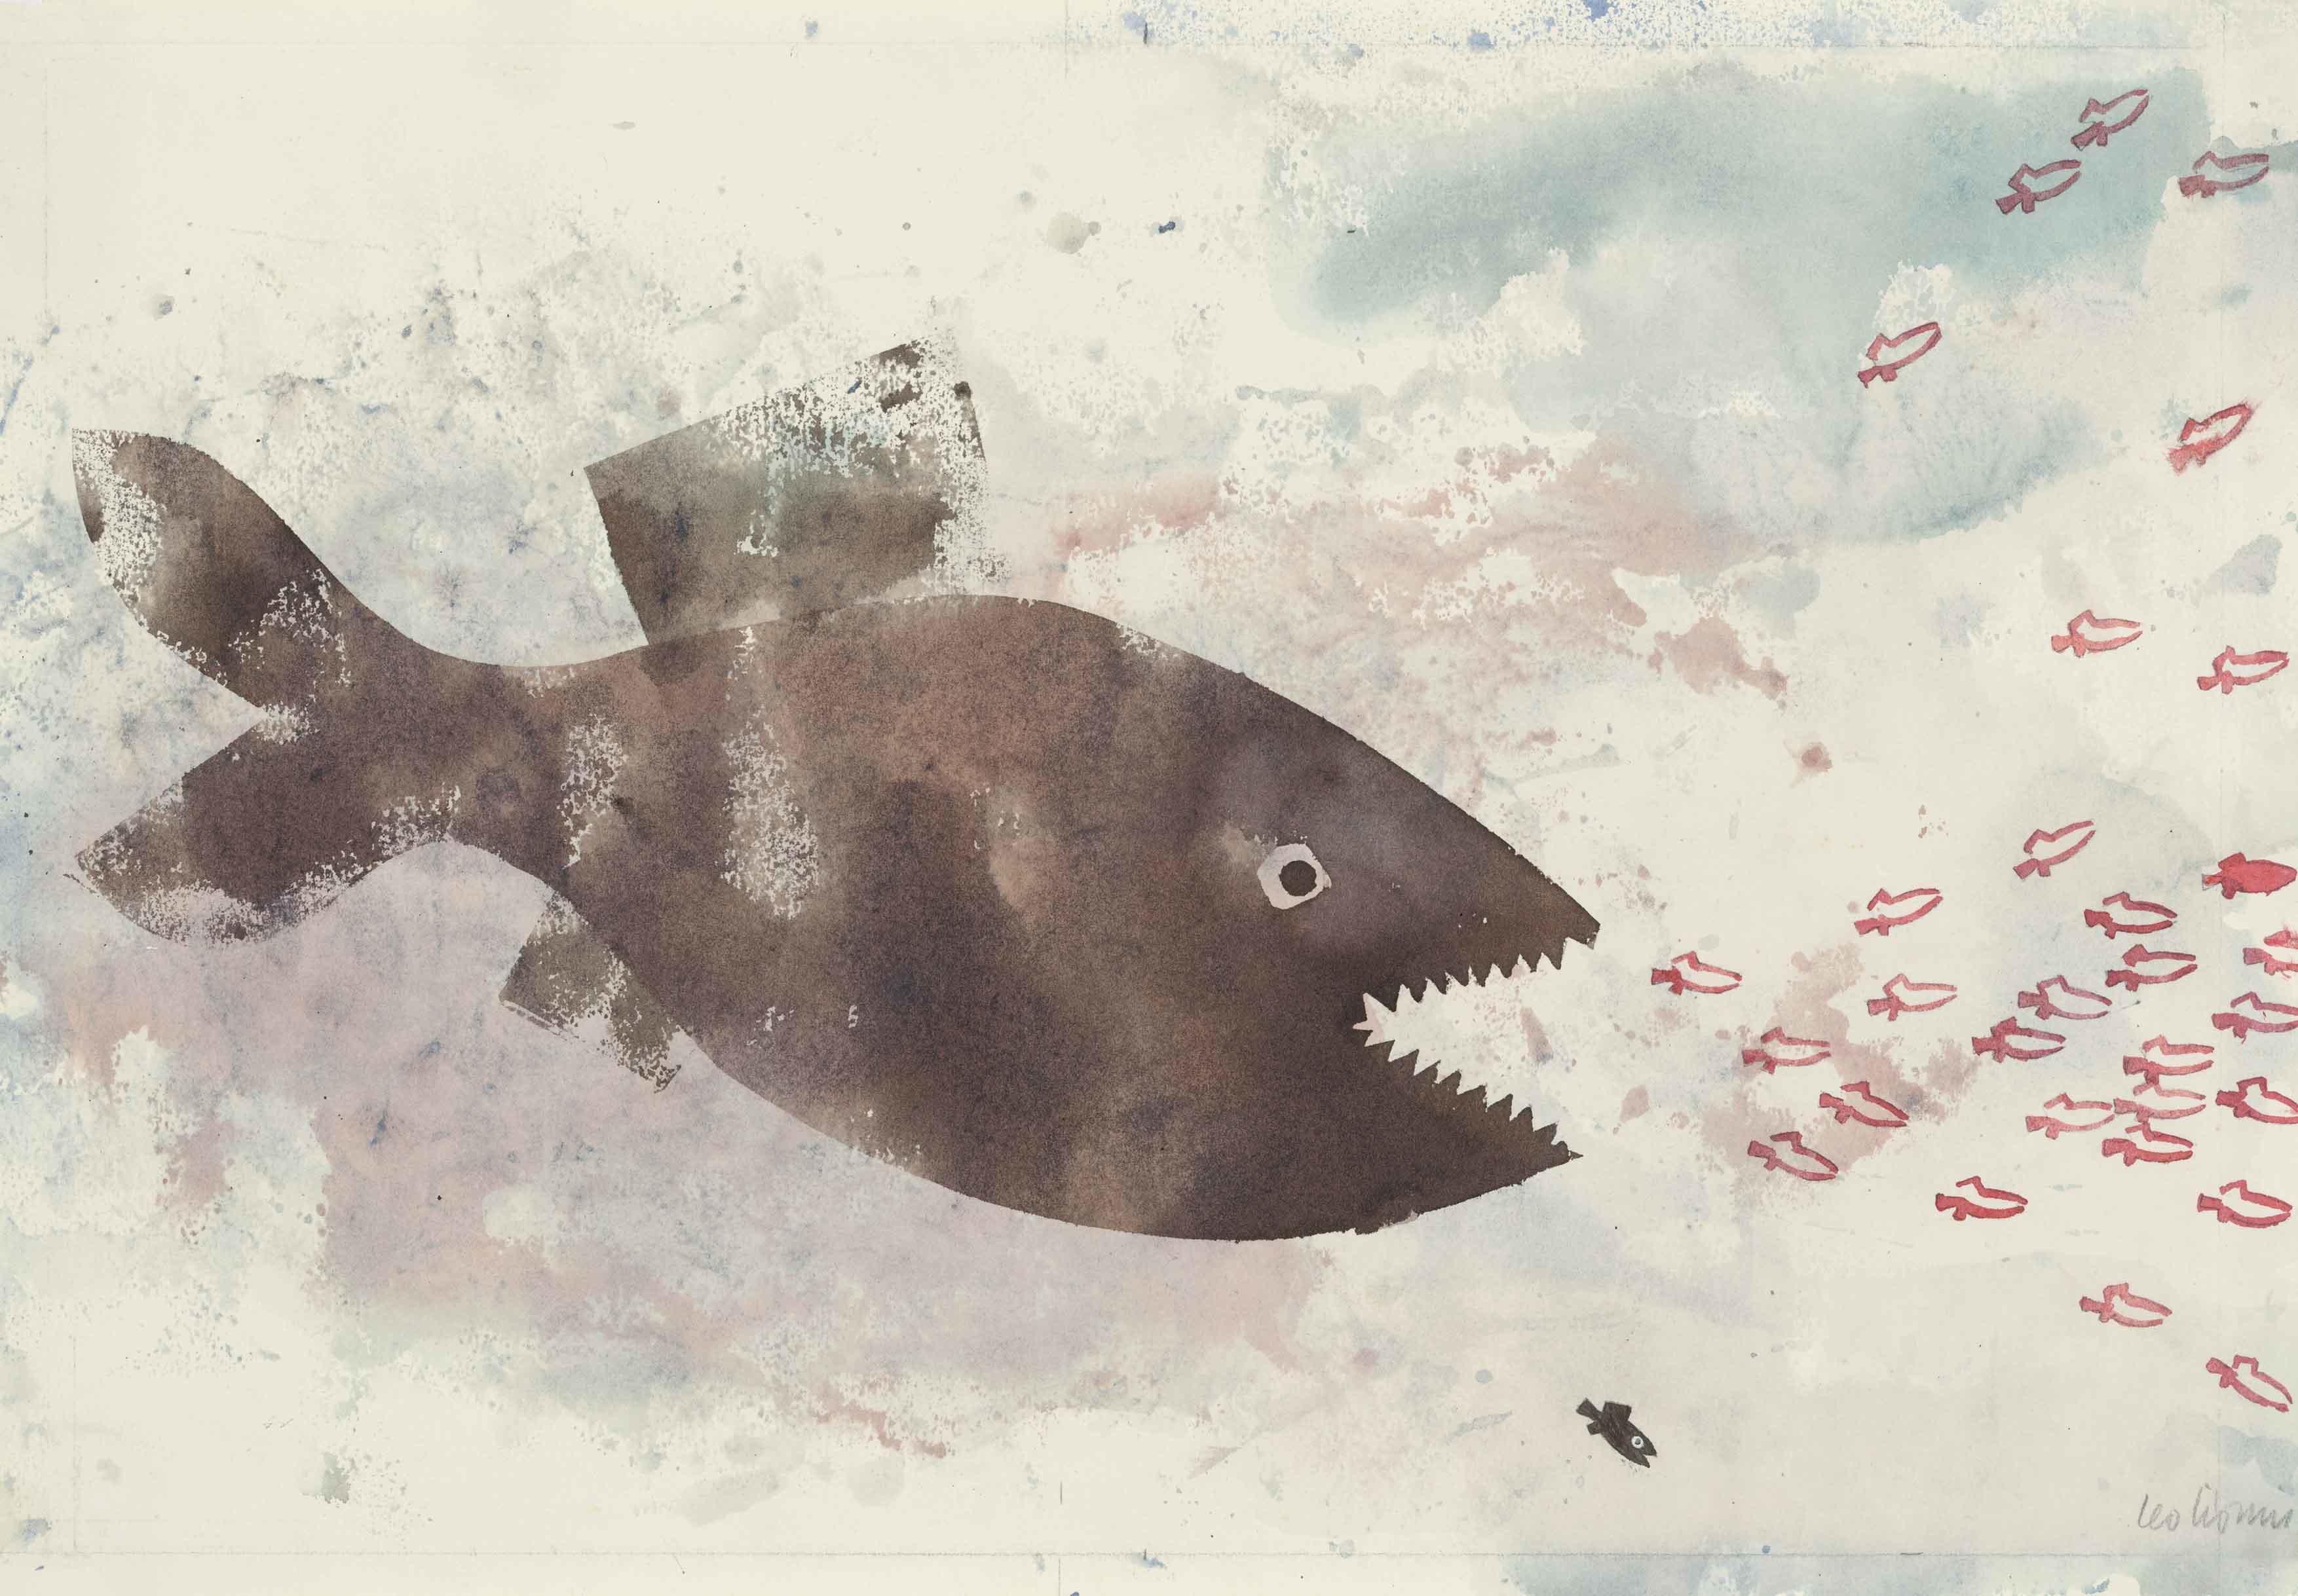 「スイミー」 1963年 水彩、モノタイプ 54.5×72.5cm スロバキア国立美術館 Swimmy (C)963 by Leo Lionni, renewed 1991/Pantheon On Loan By The Slovak National Gallery